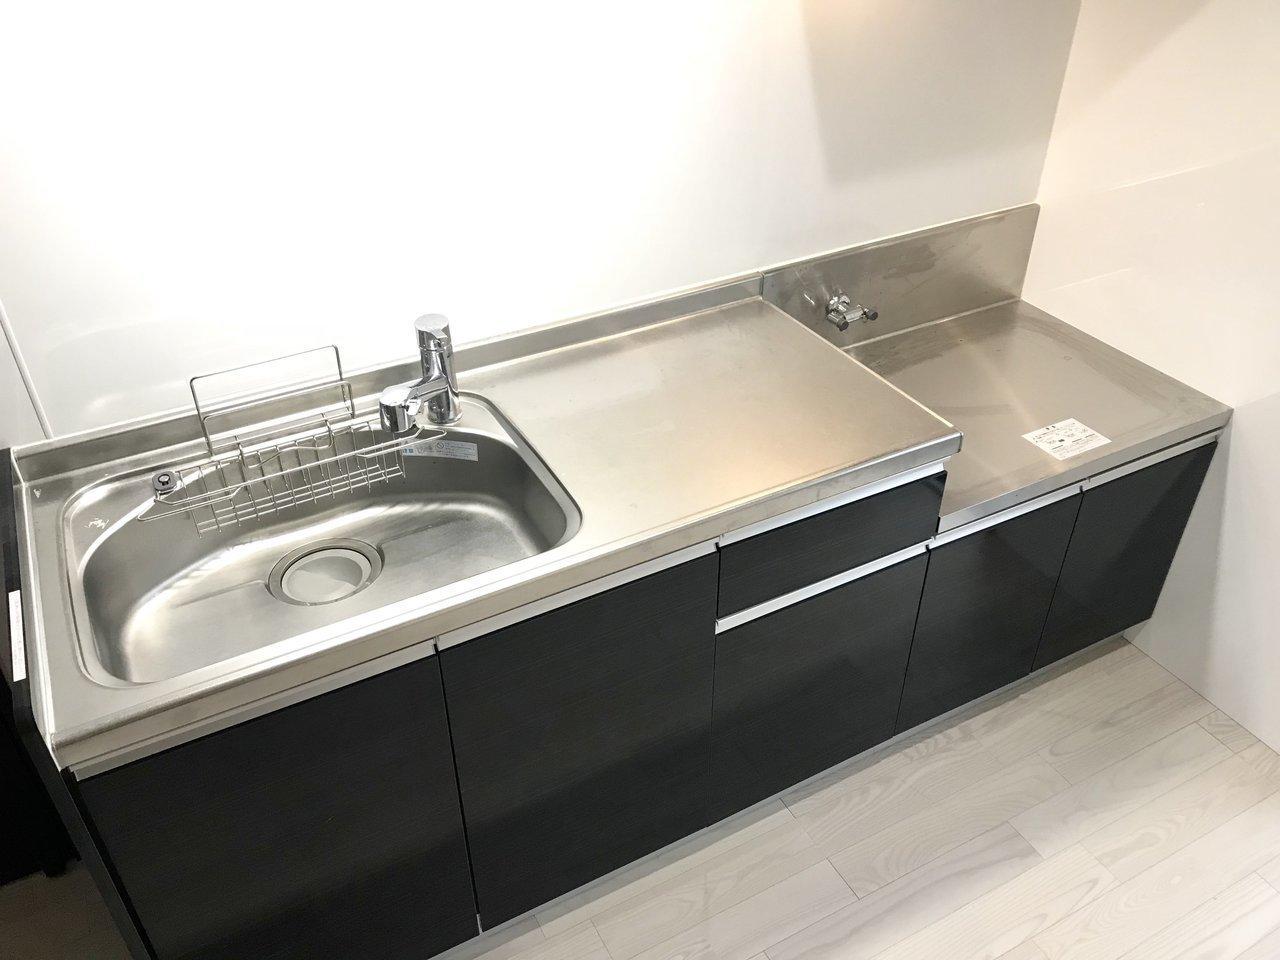 部屋が広いとキッチンも広い。ガスコンロは置き式なので、好きなデザインのものをセレクトしてください。